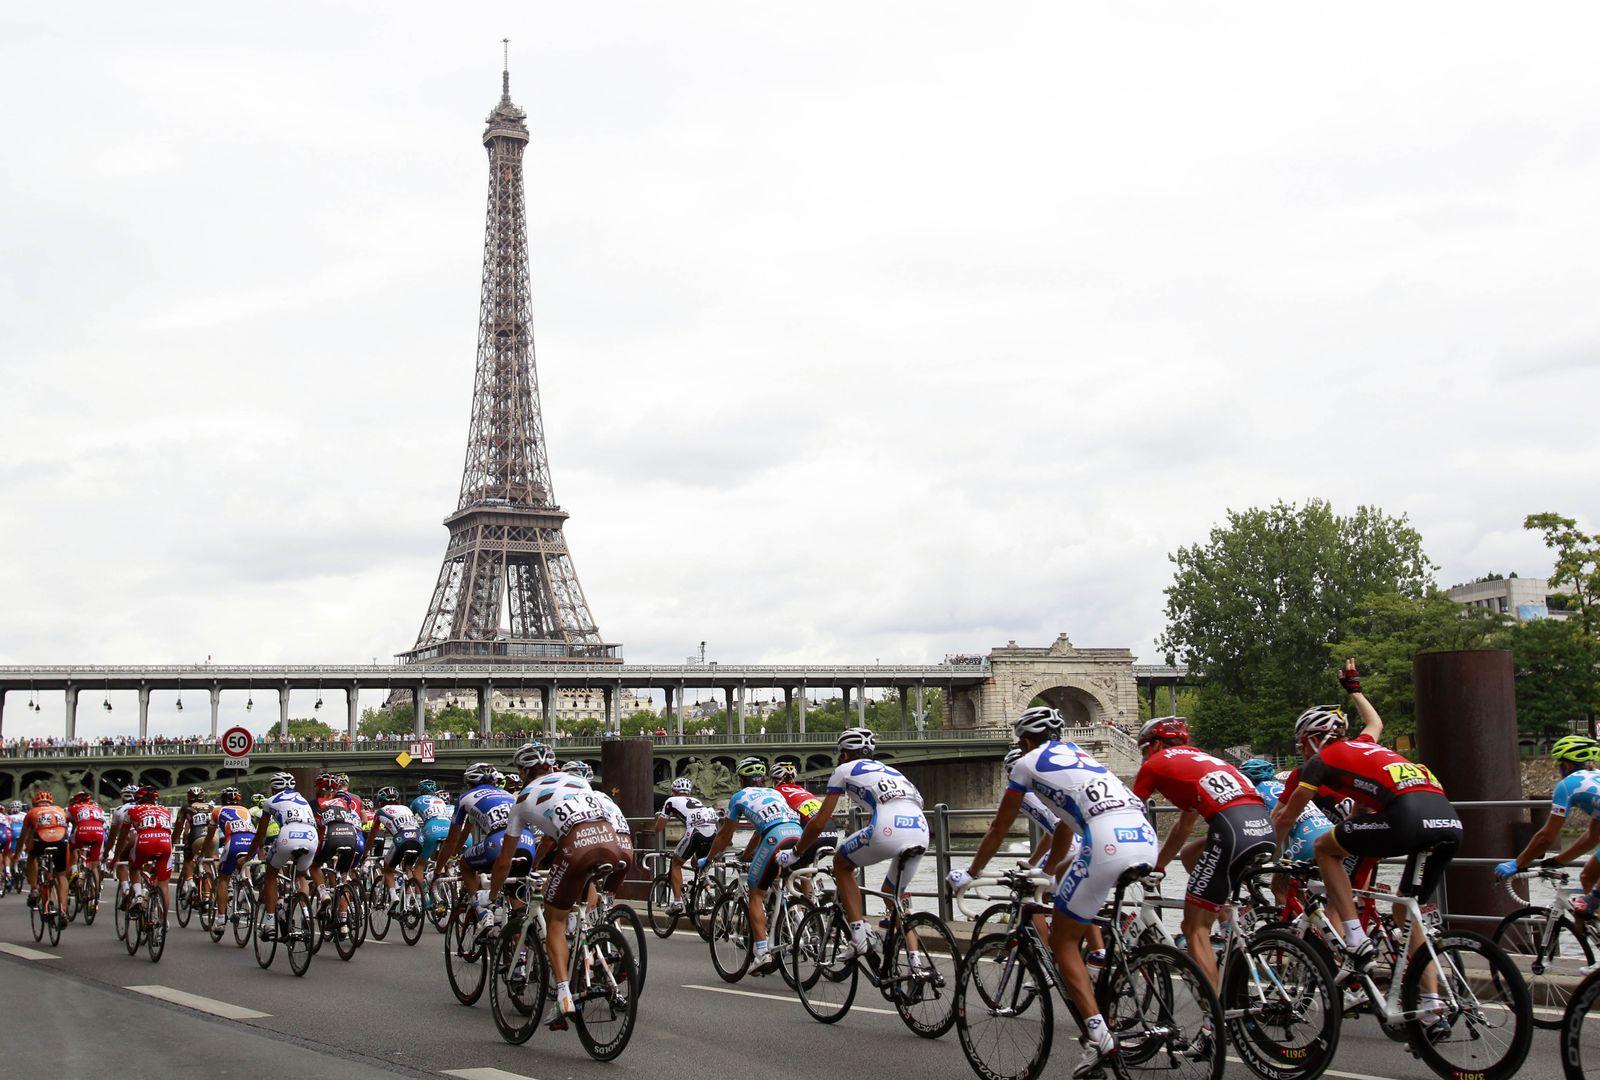 Tour und Eiffelturm